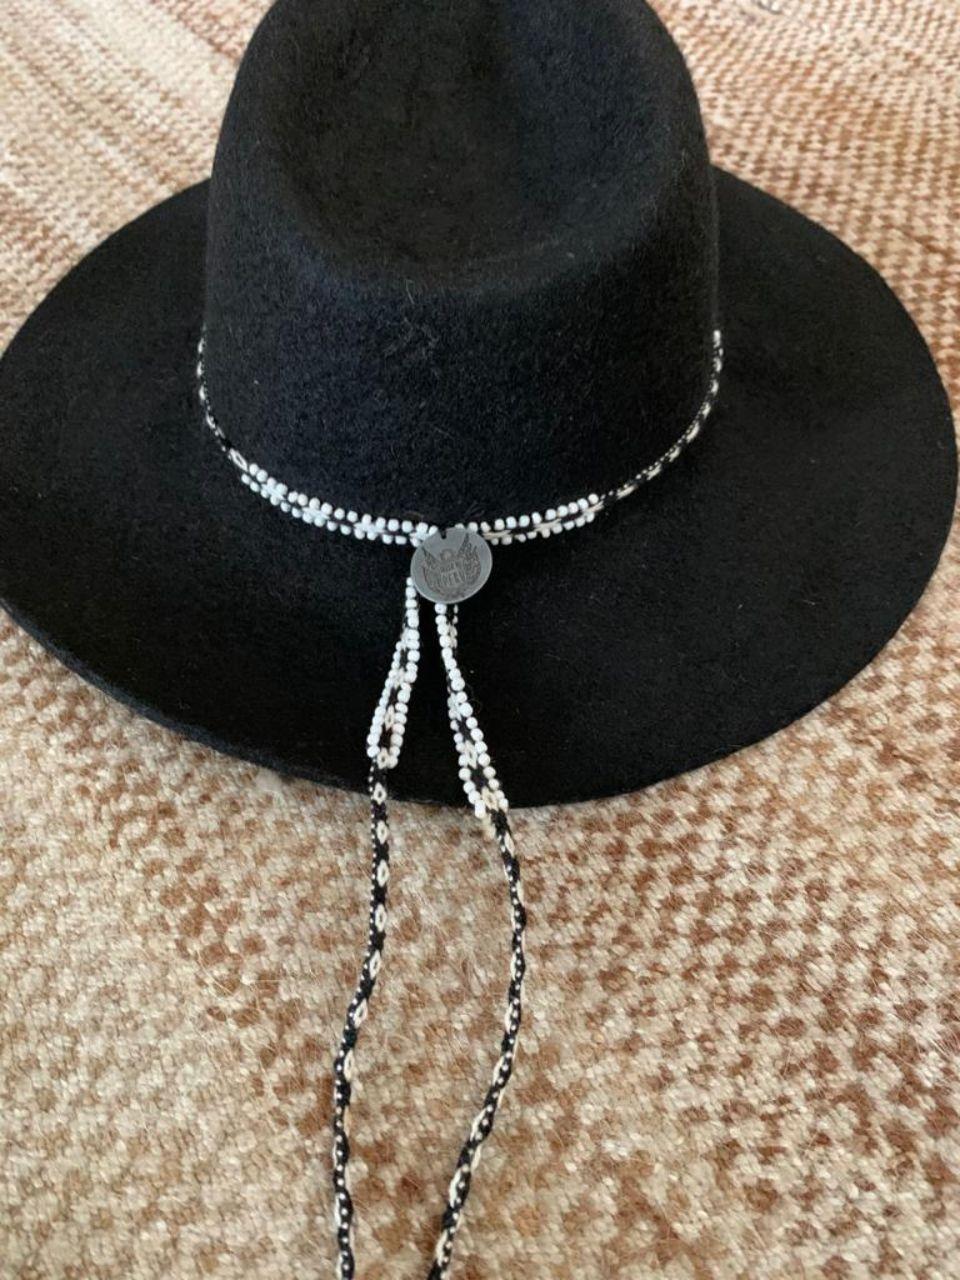 Sombrero watana negro 3-1